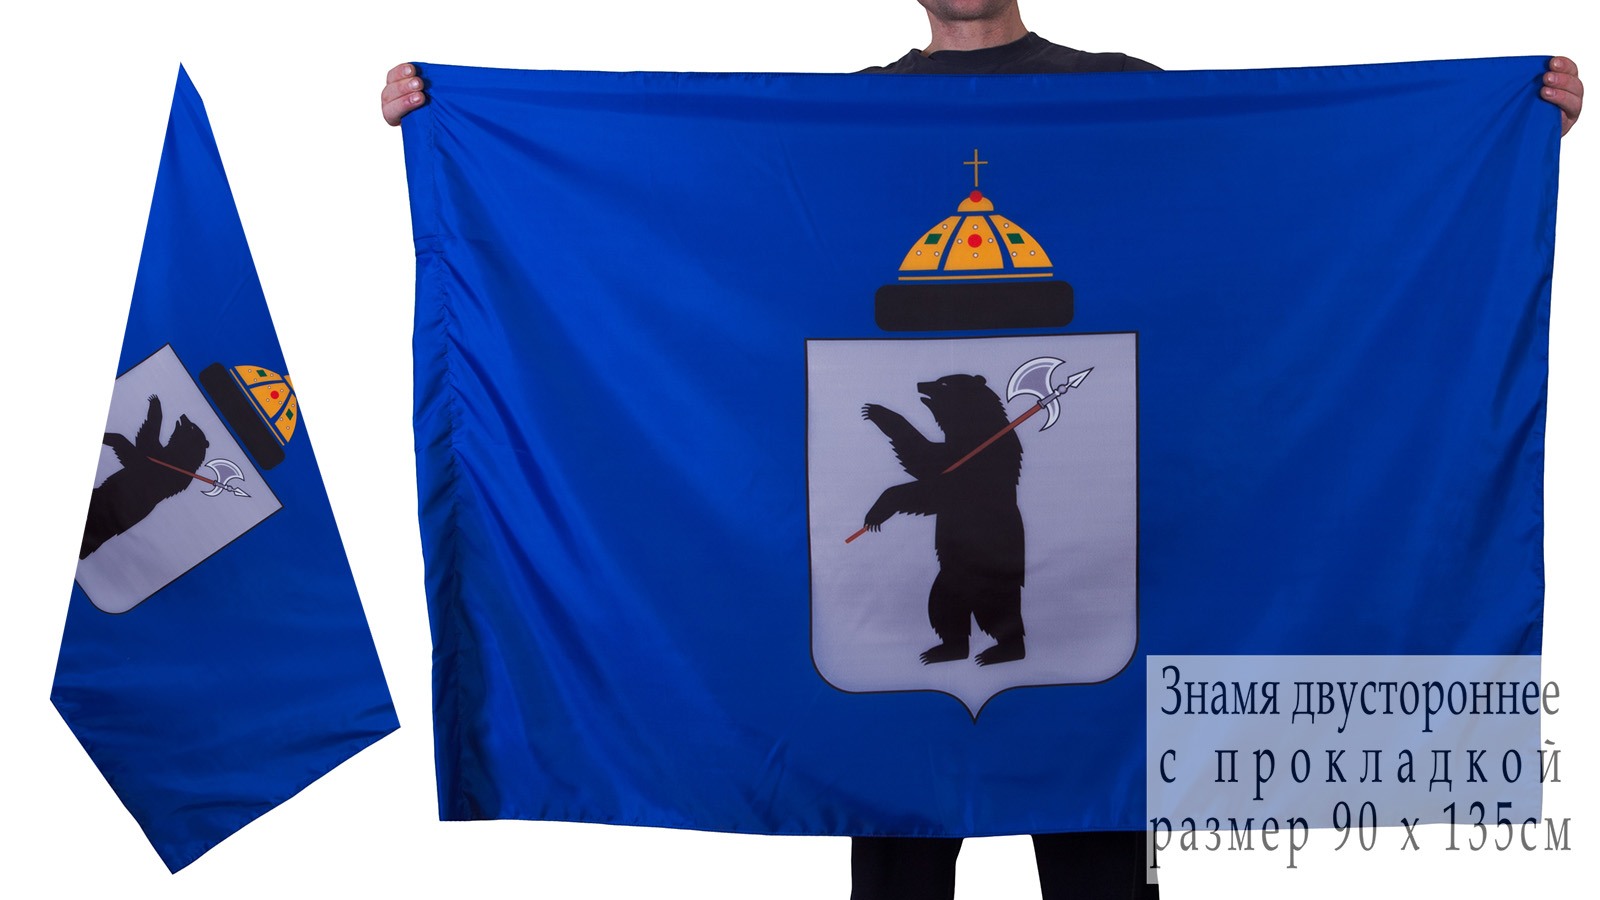 Двухсторонний флаг Ярославля